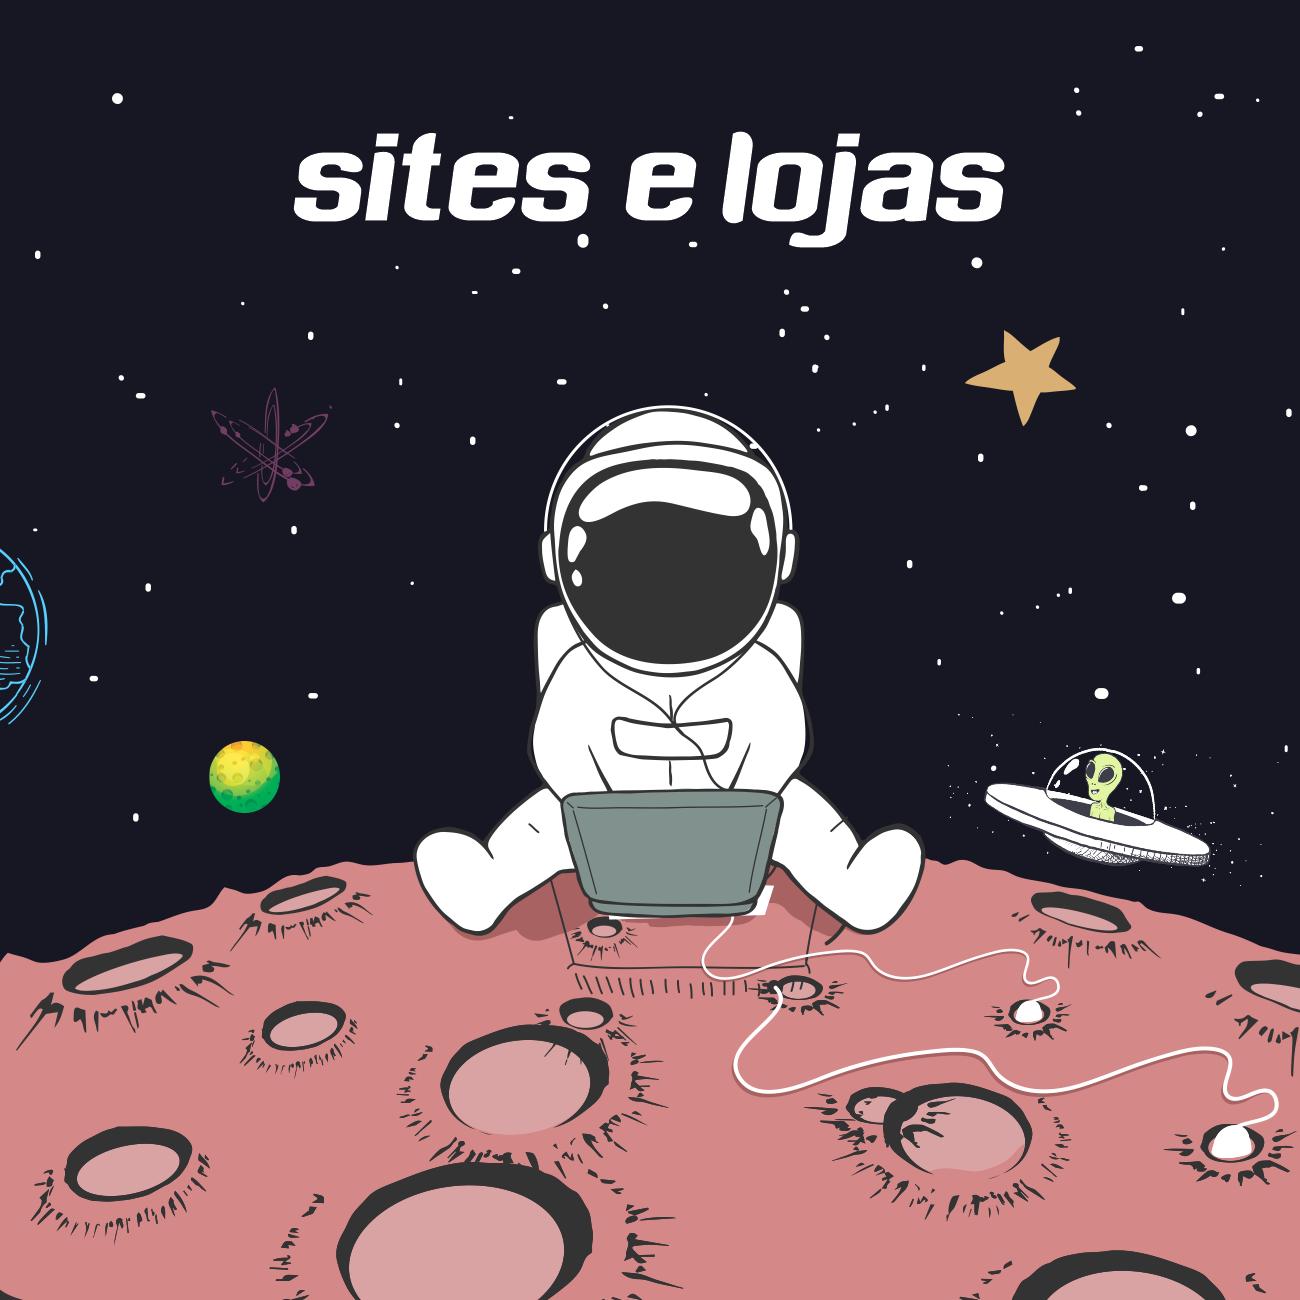 sites e lojas